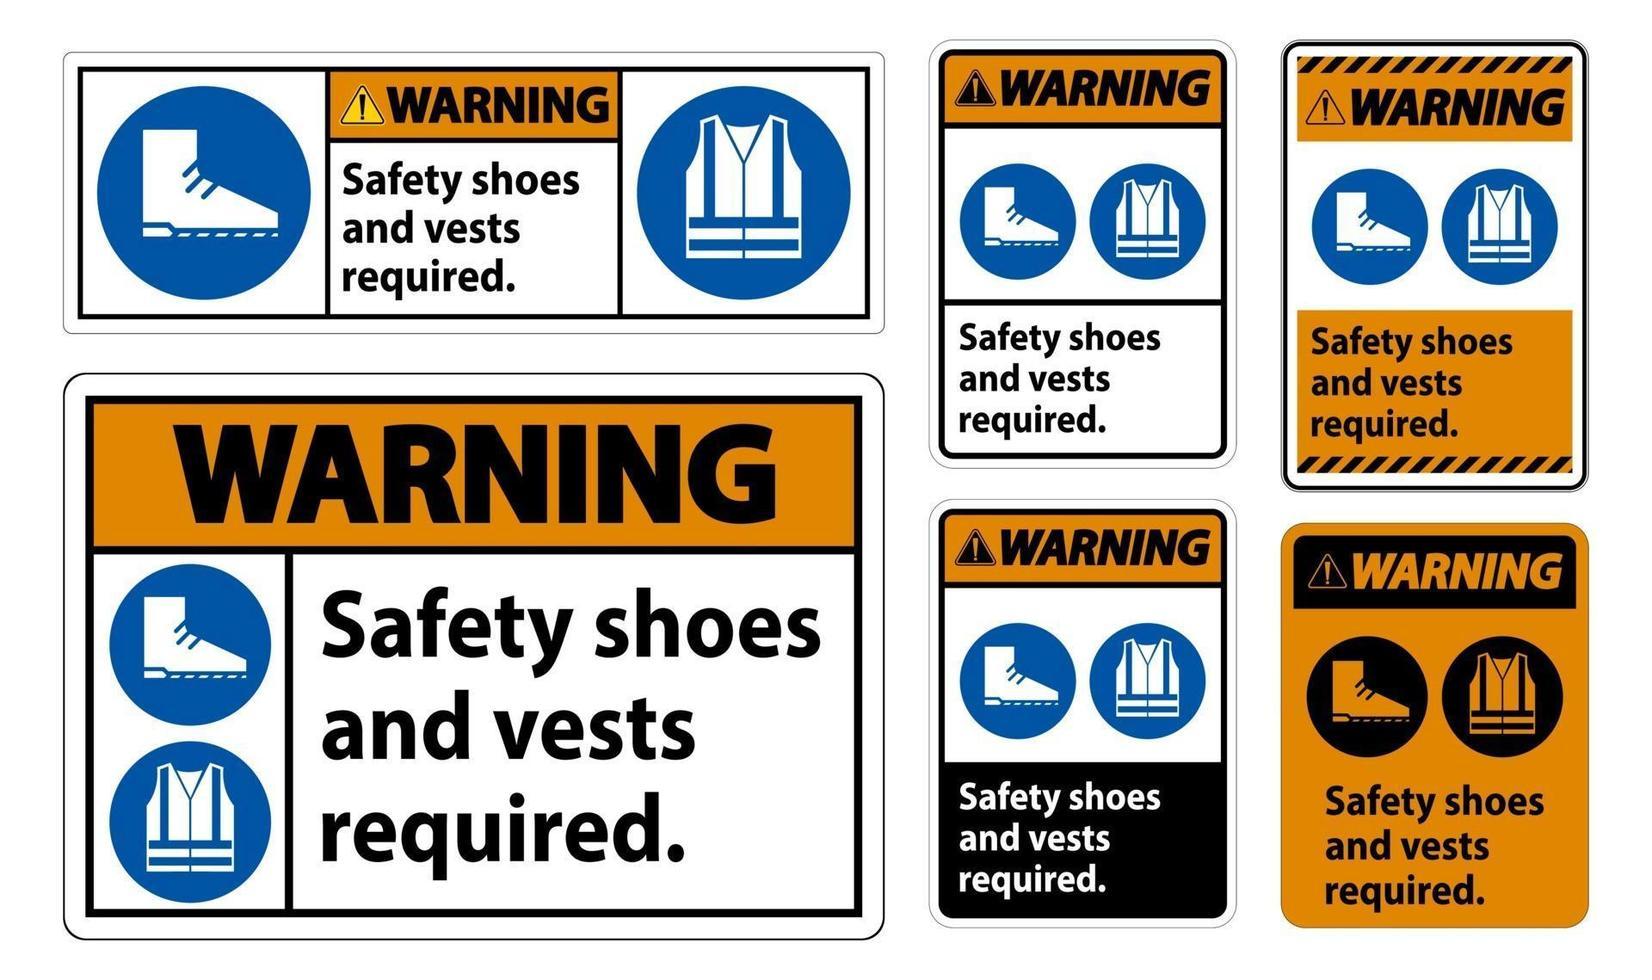 Segnale di avvertimento scarpe antinfortunistiche e gilet obbligatori con simboli ppe su sfondo bianco vettore